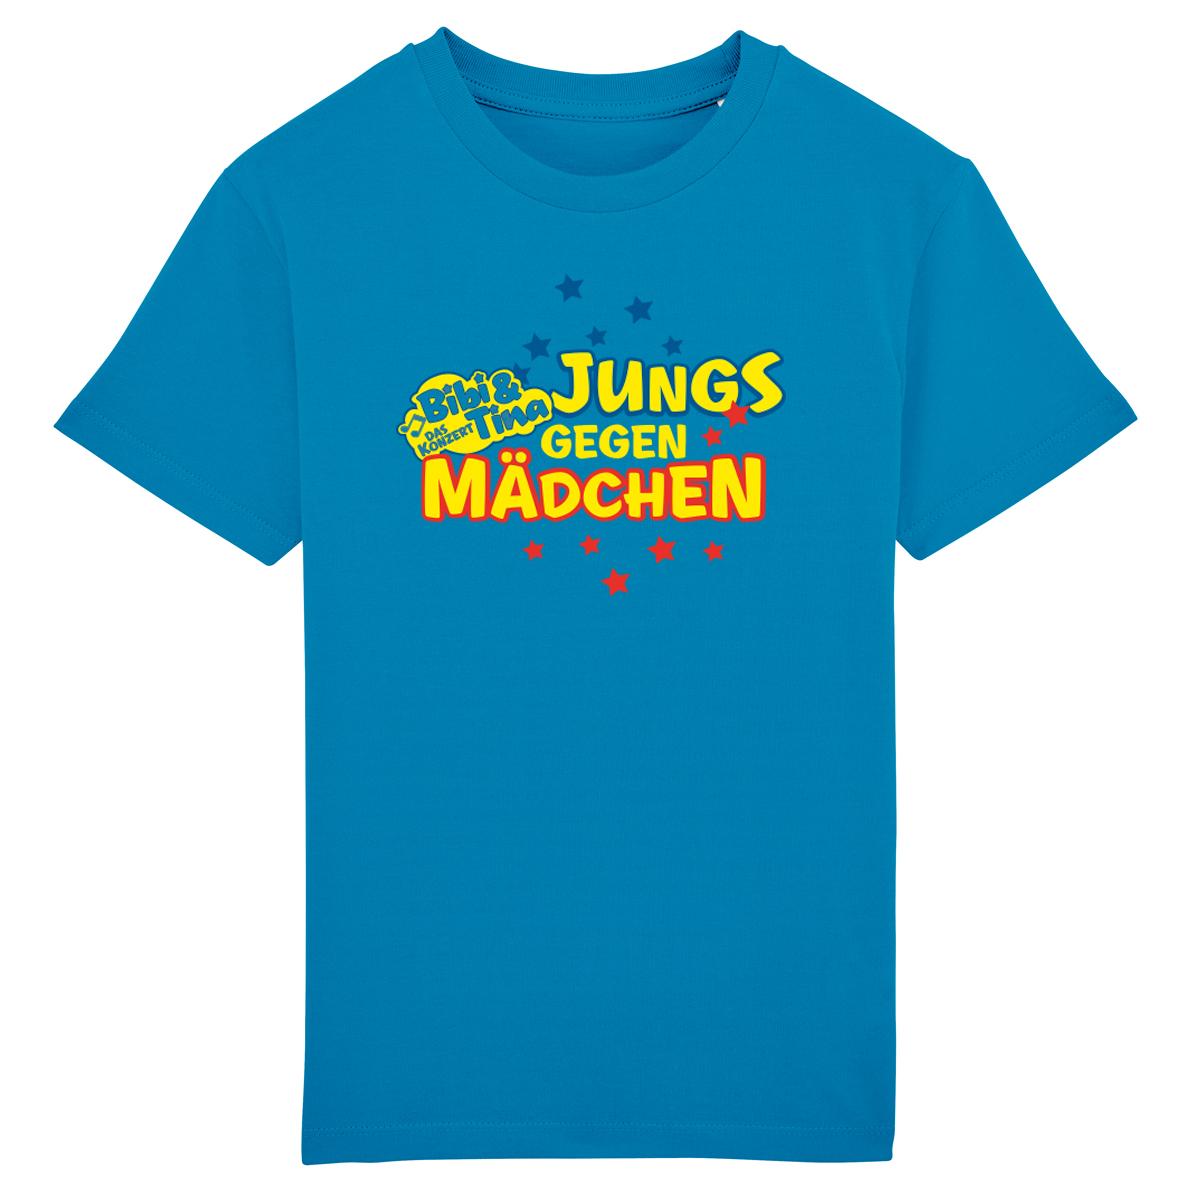 Bibi&Tina Jungs gegen Mädchen Shirt Kids T-Shirt, azur